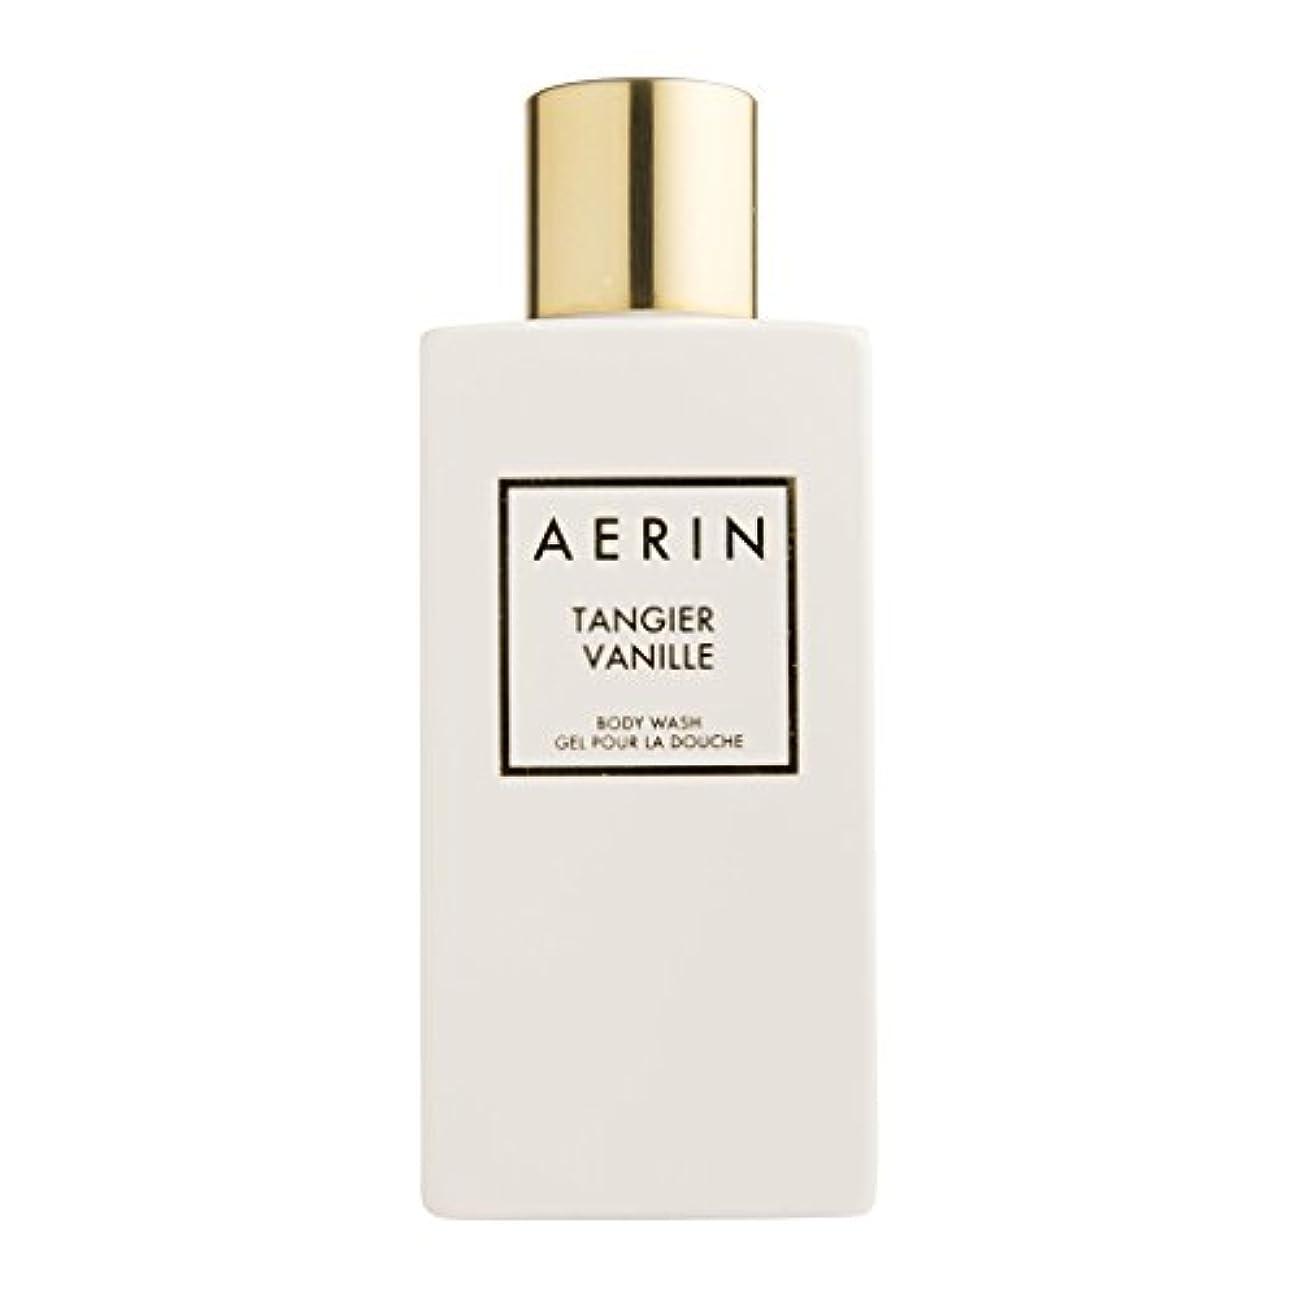 子供時代銀行抑圧AERIN Tangier Vanille (アエリン タンジヤー バニール) 7.6 oz (228ml) Body Wash ボディーウオッシュ by Estee Lauder for Women